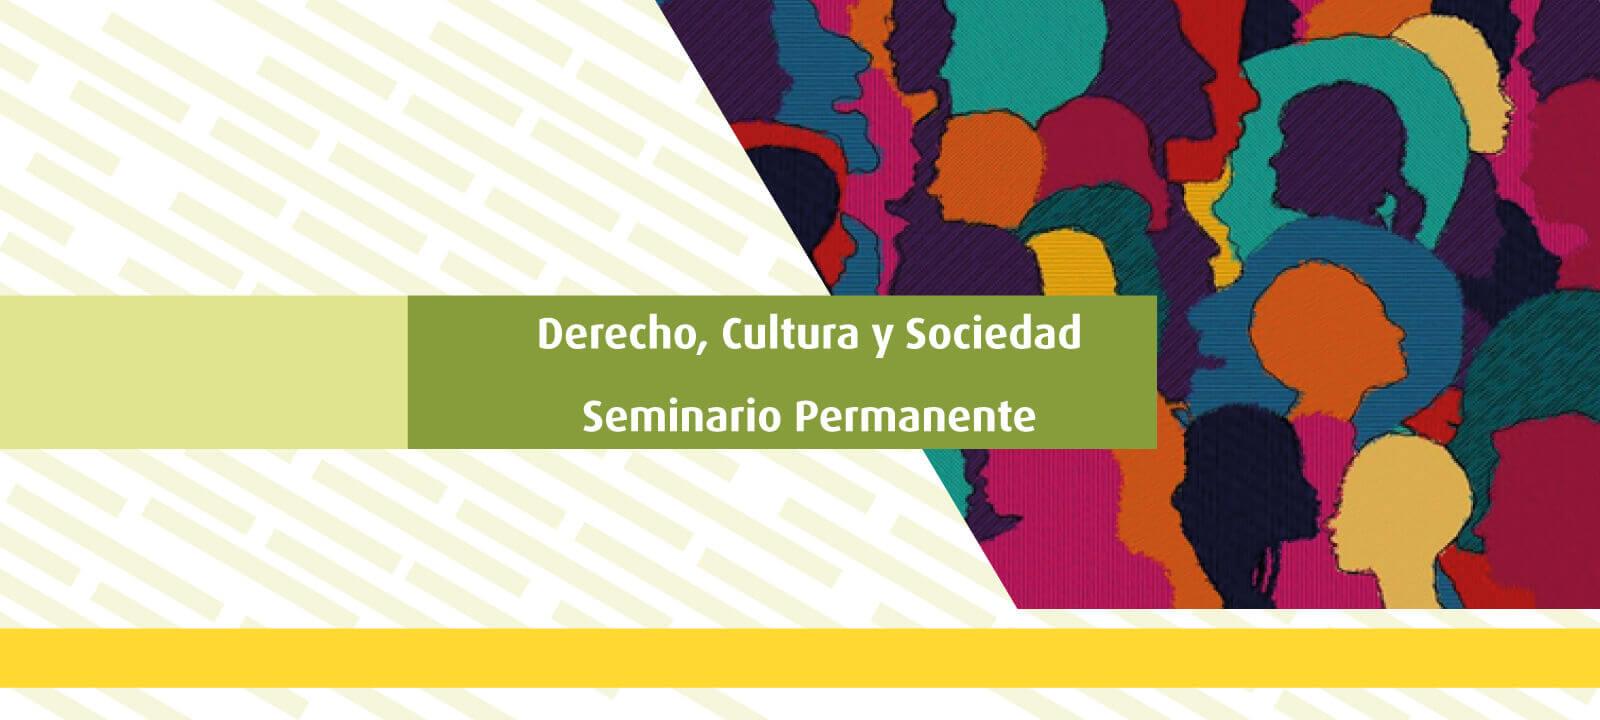 Pluralismo jurídico y diversidad cultural: nuevos retos conceptuales y prácticos